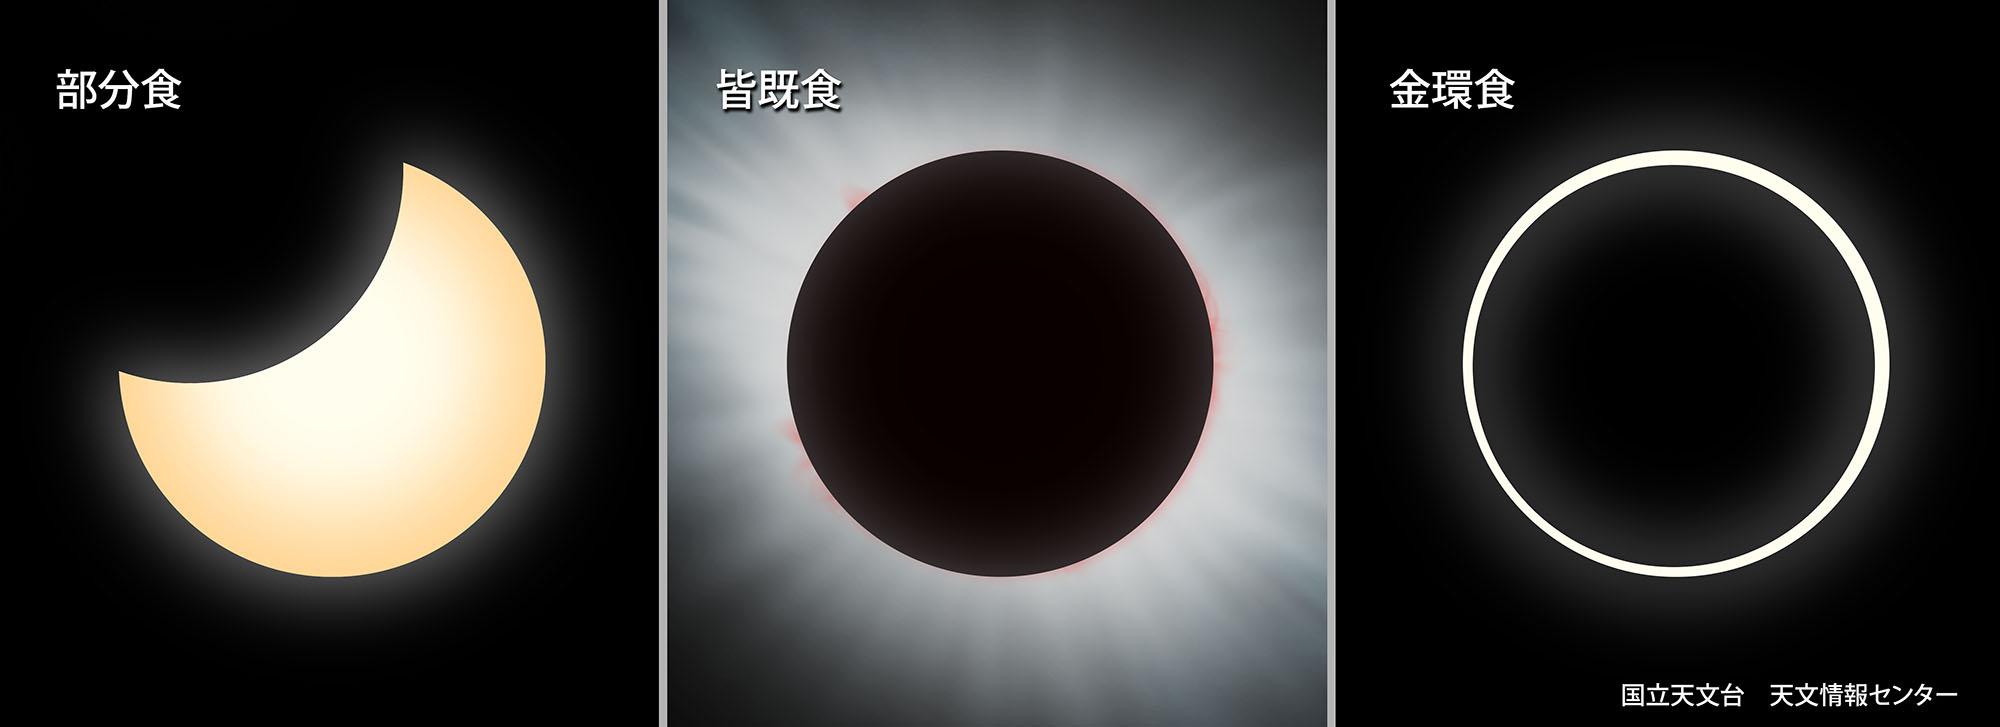 皆既日食(日本では見られない)(2017年8月)   国立天文台(NAOJ)